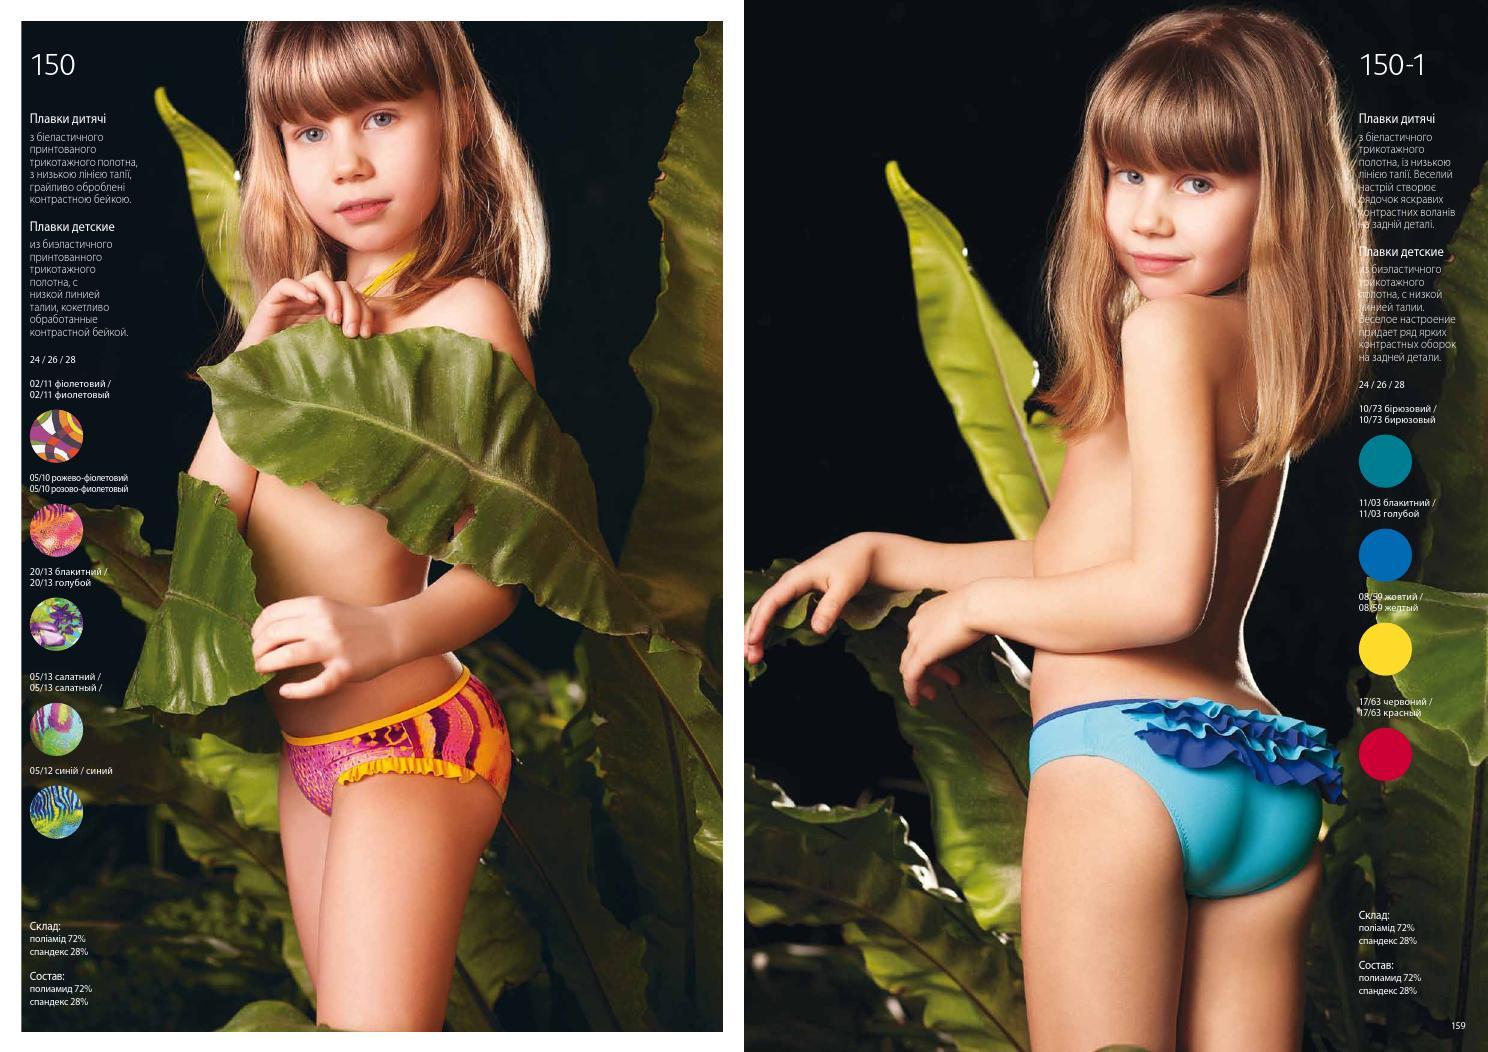 Юнные порнофото модели 5 7лет 1 фотография